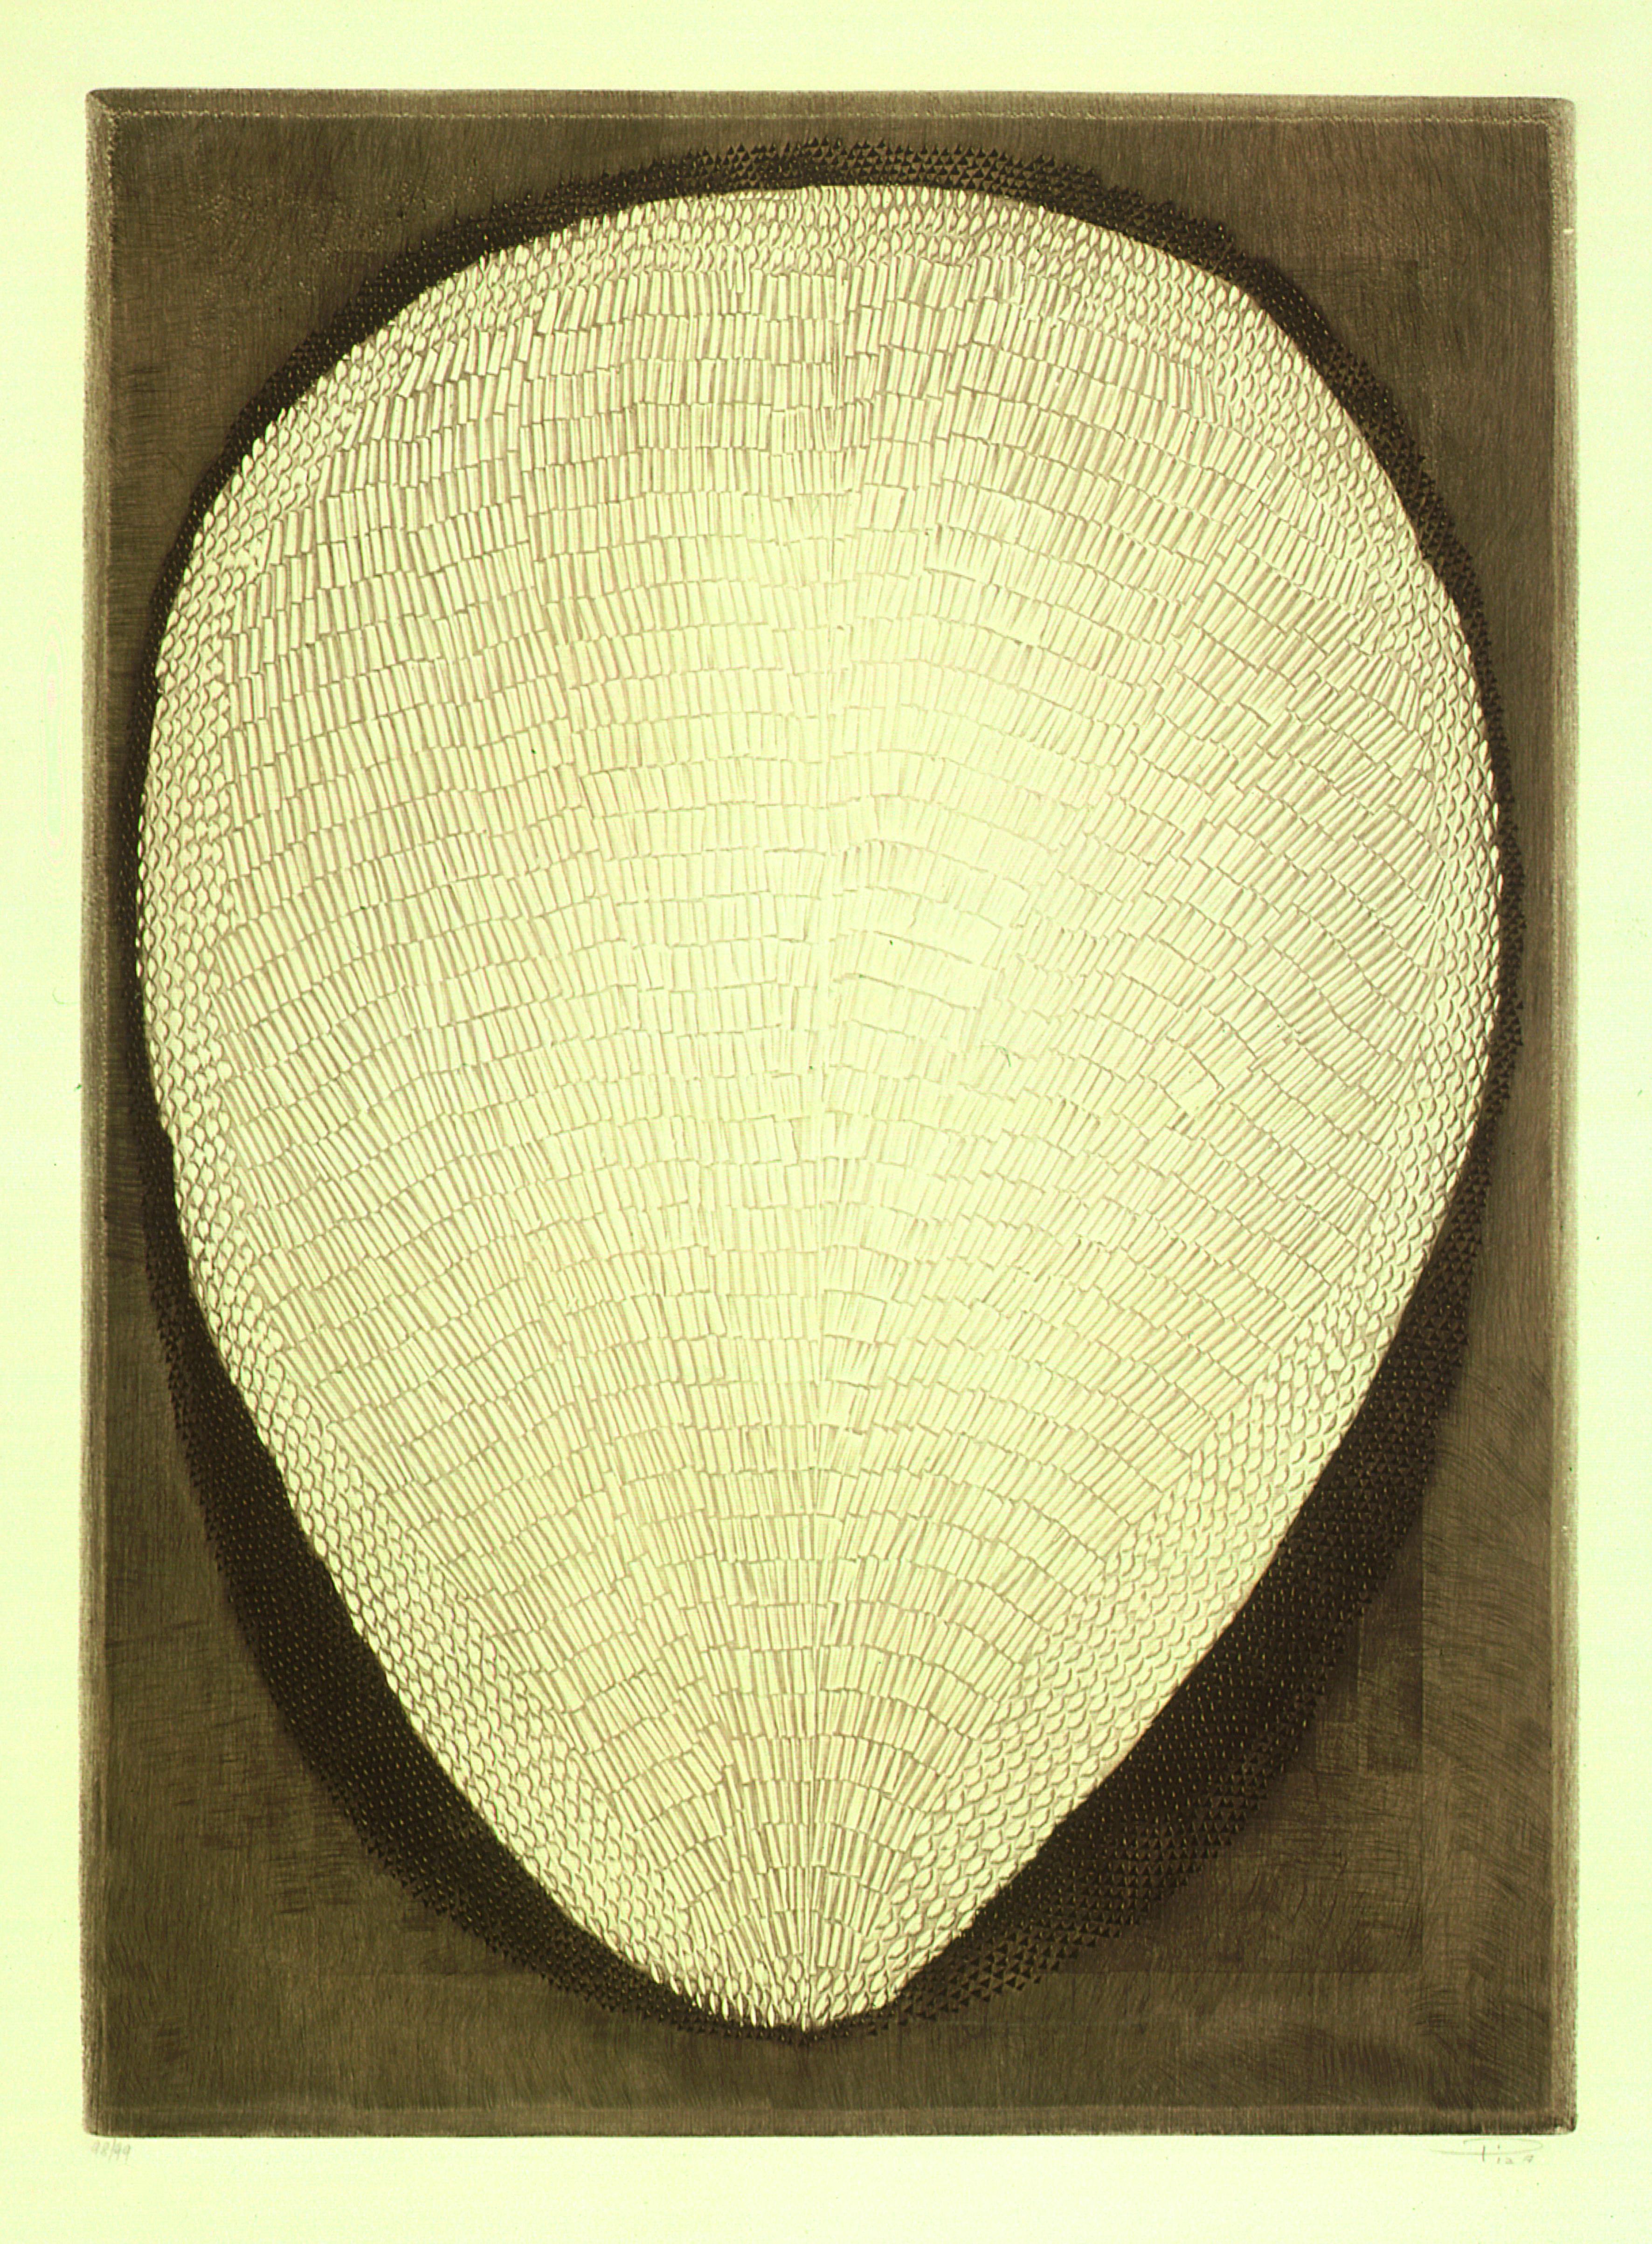 Fruto Autor: Arthur Piza Ano: 1998/1999 Técnica: Calcografia. Talho-doce Dimensão: 90cm x 64cm